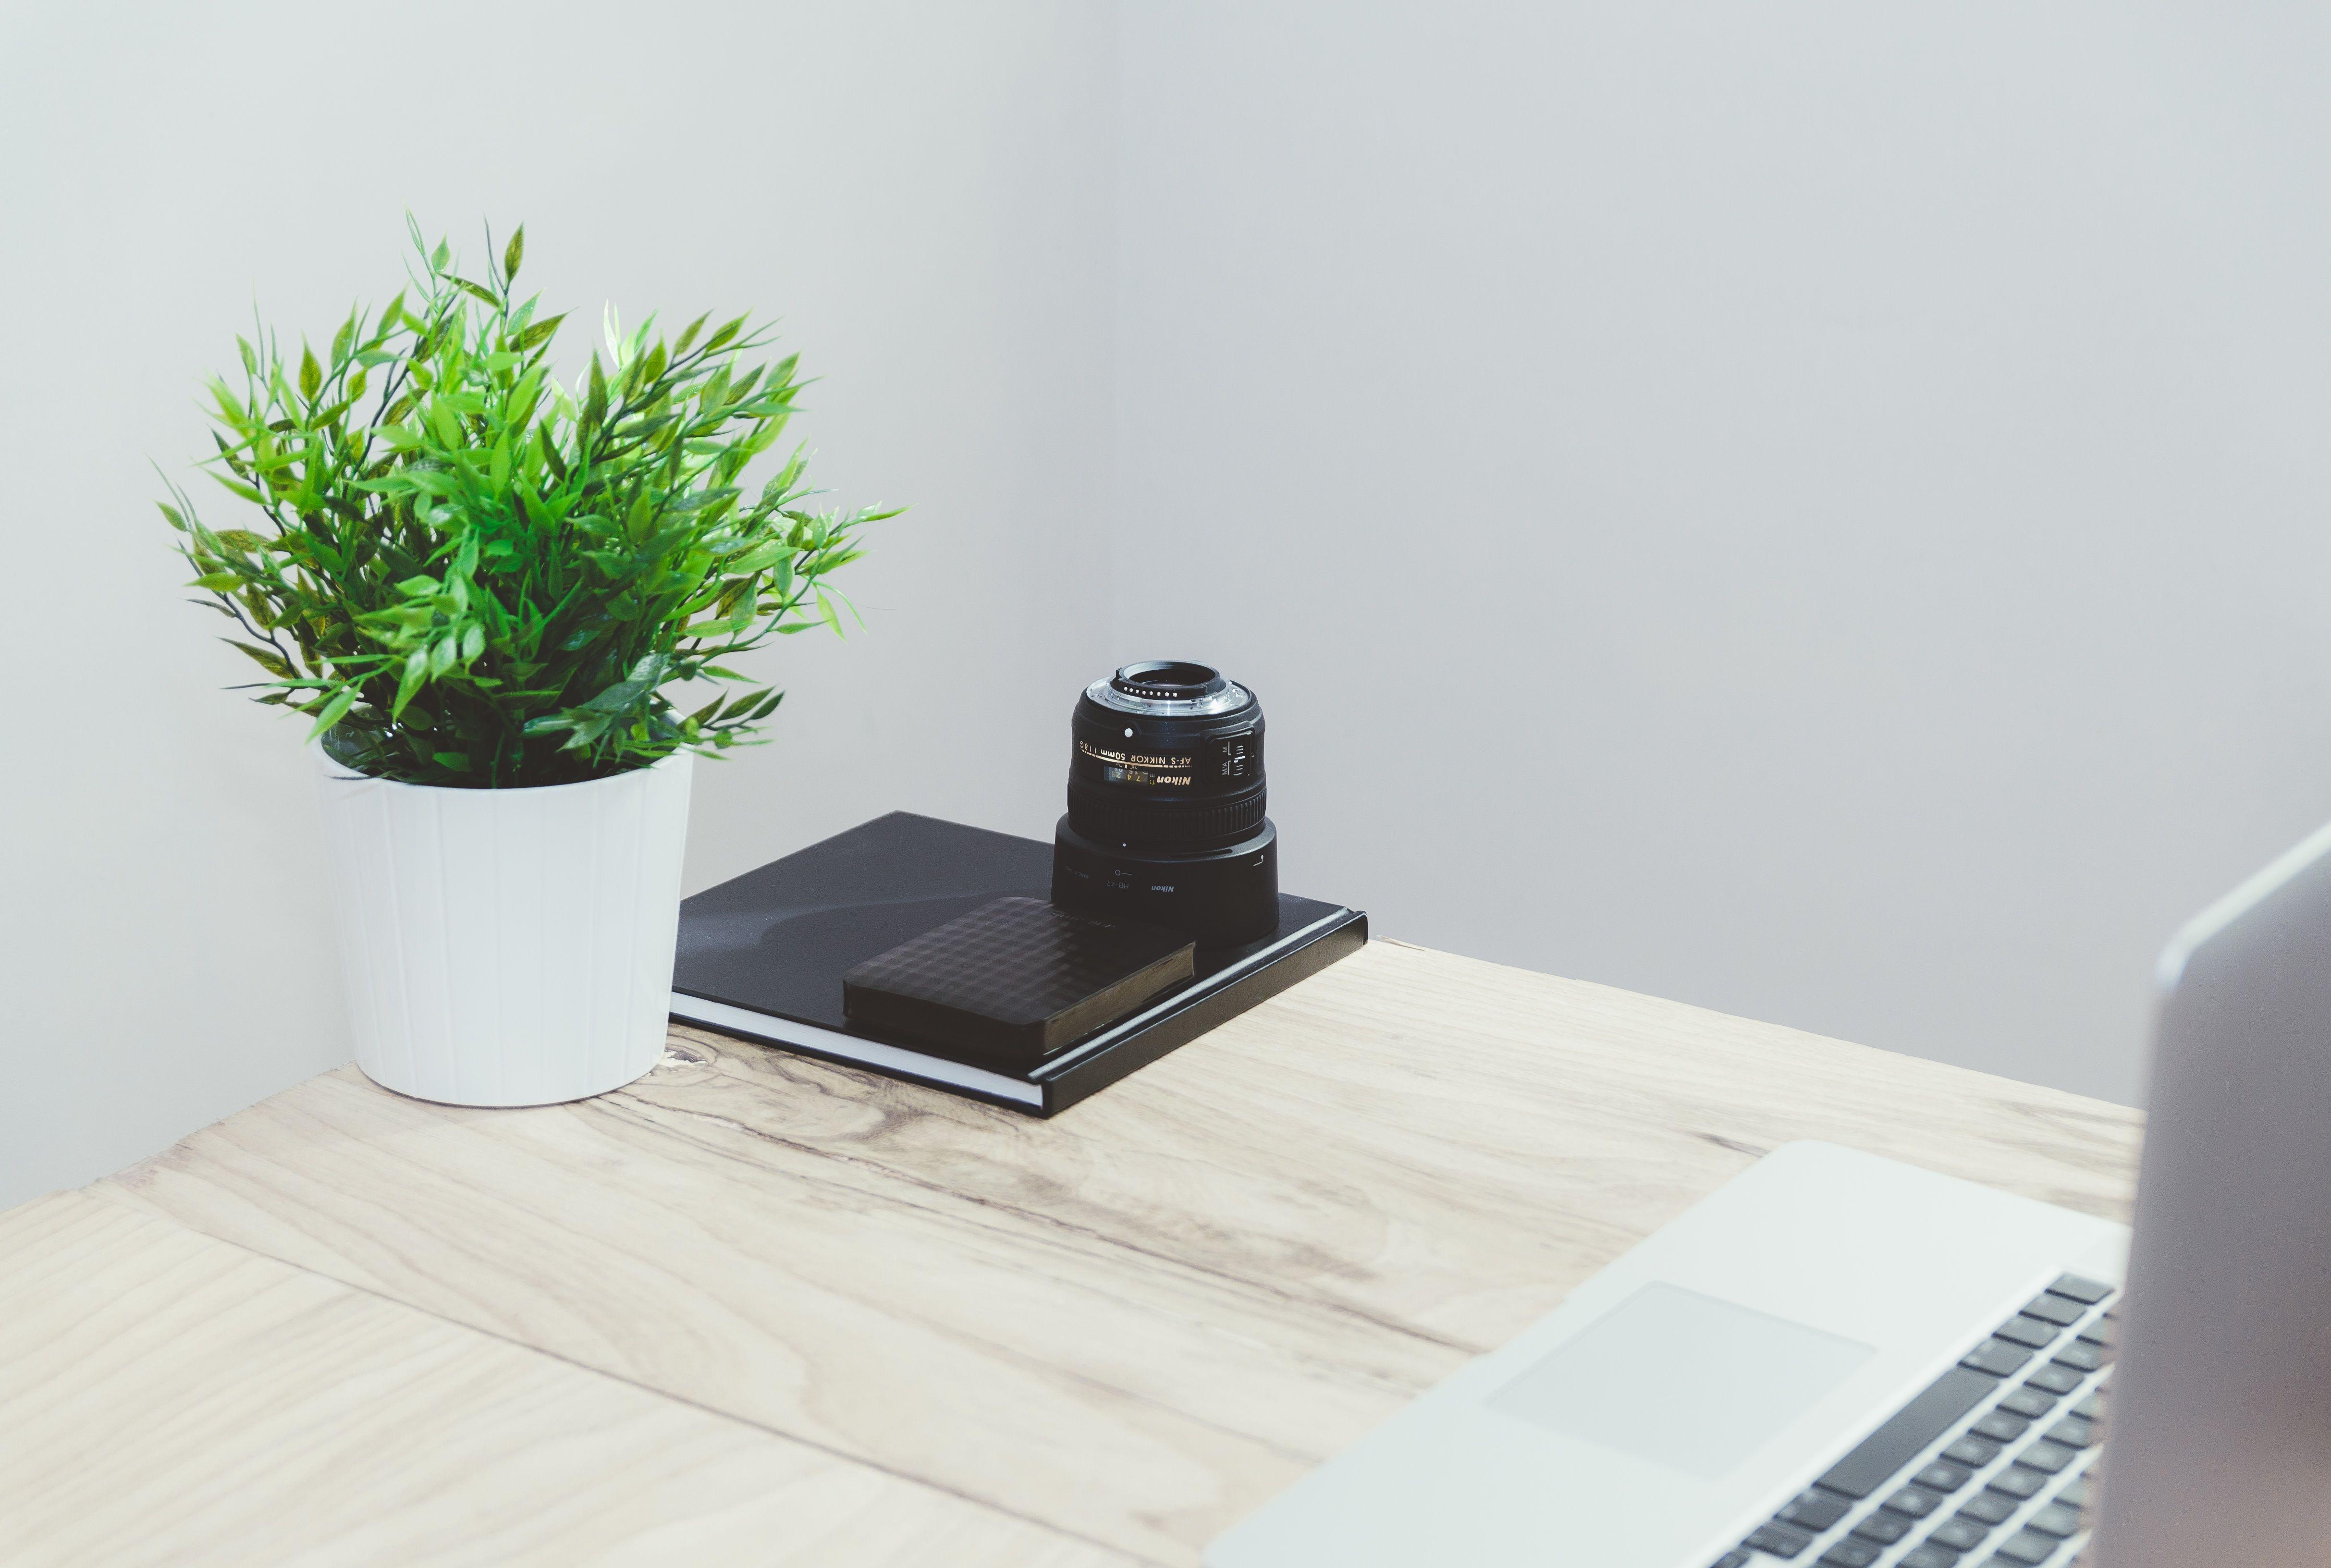 bureau zen plantes bois un lieu propice pour travailler en toute s r nit ambiance zen. Black Bedroom Furniture Sets. Home Design Ideas